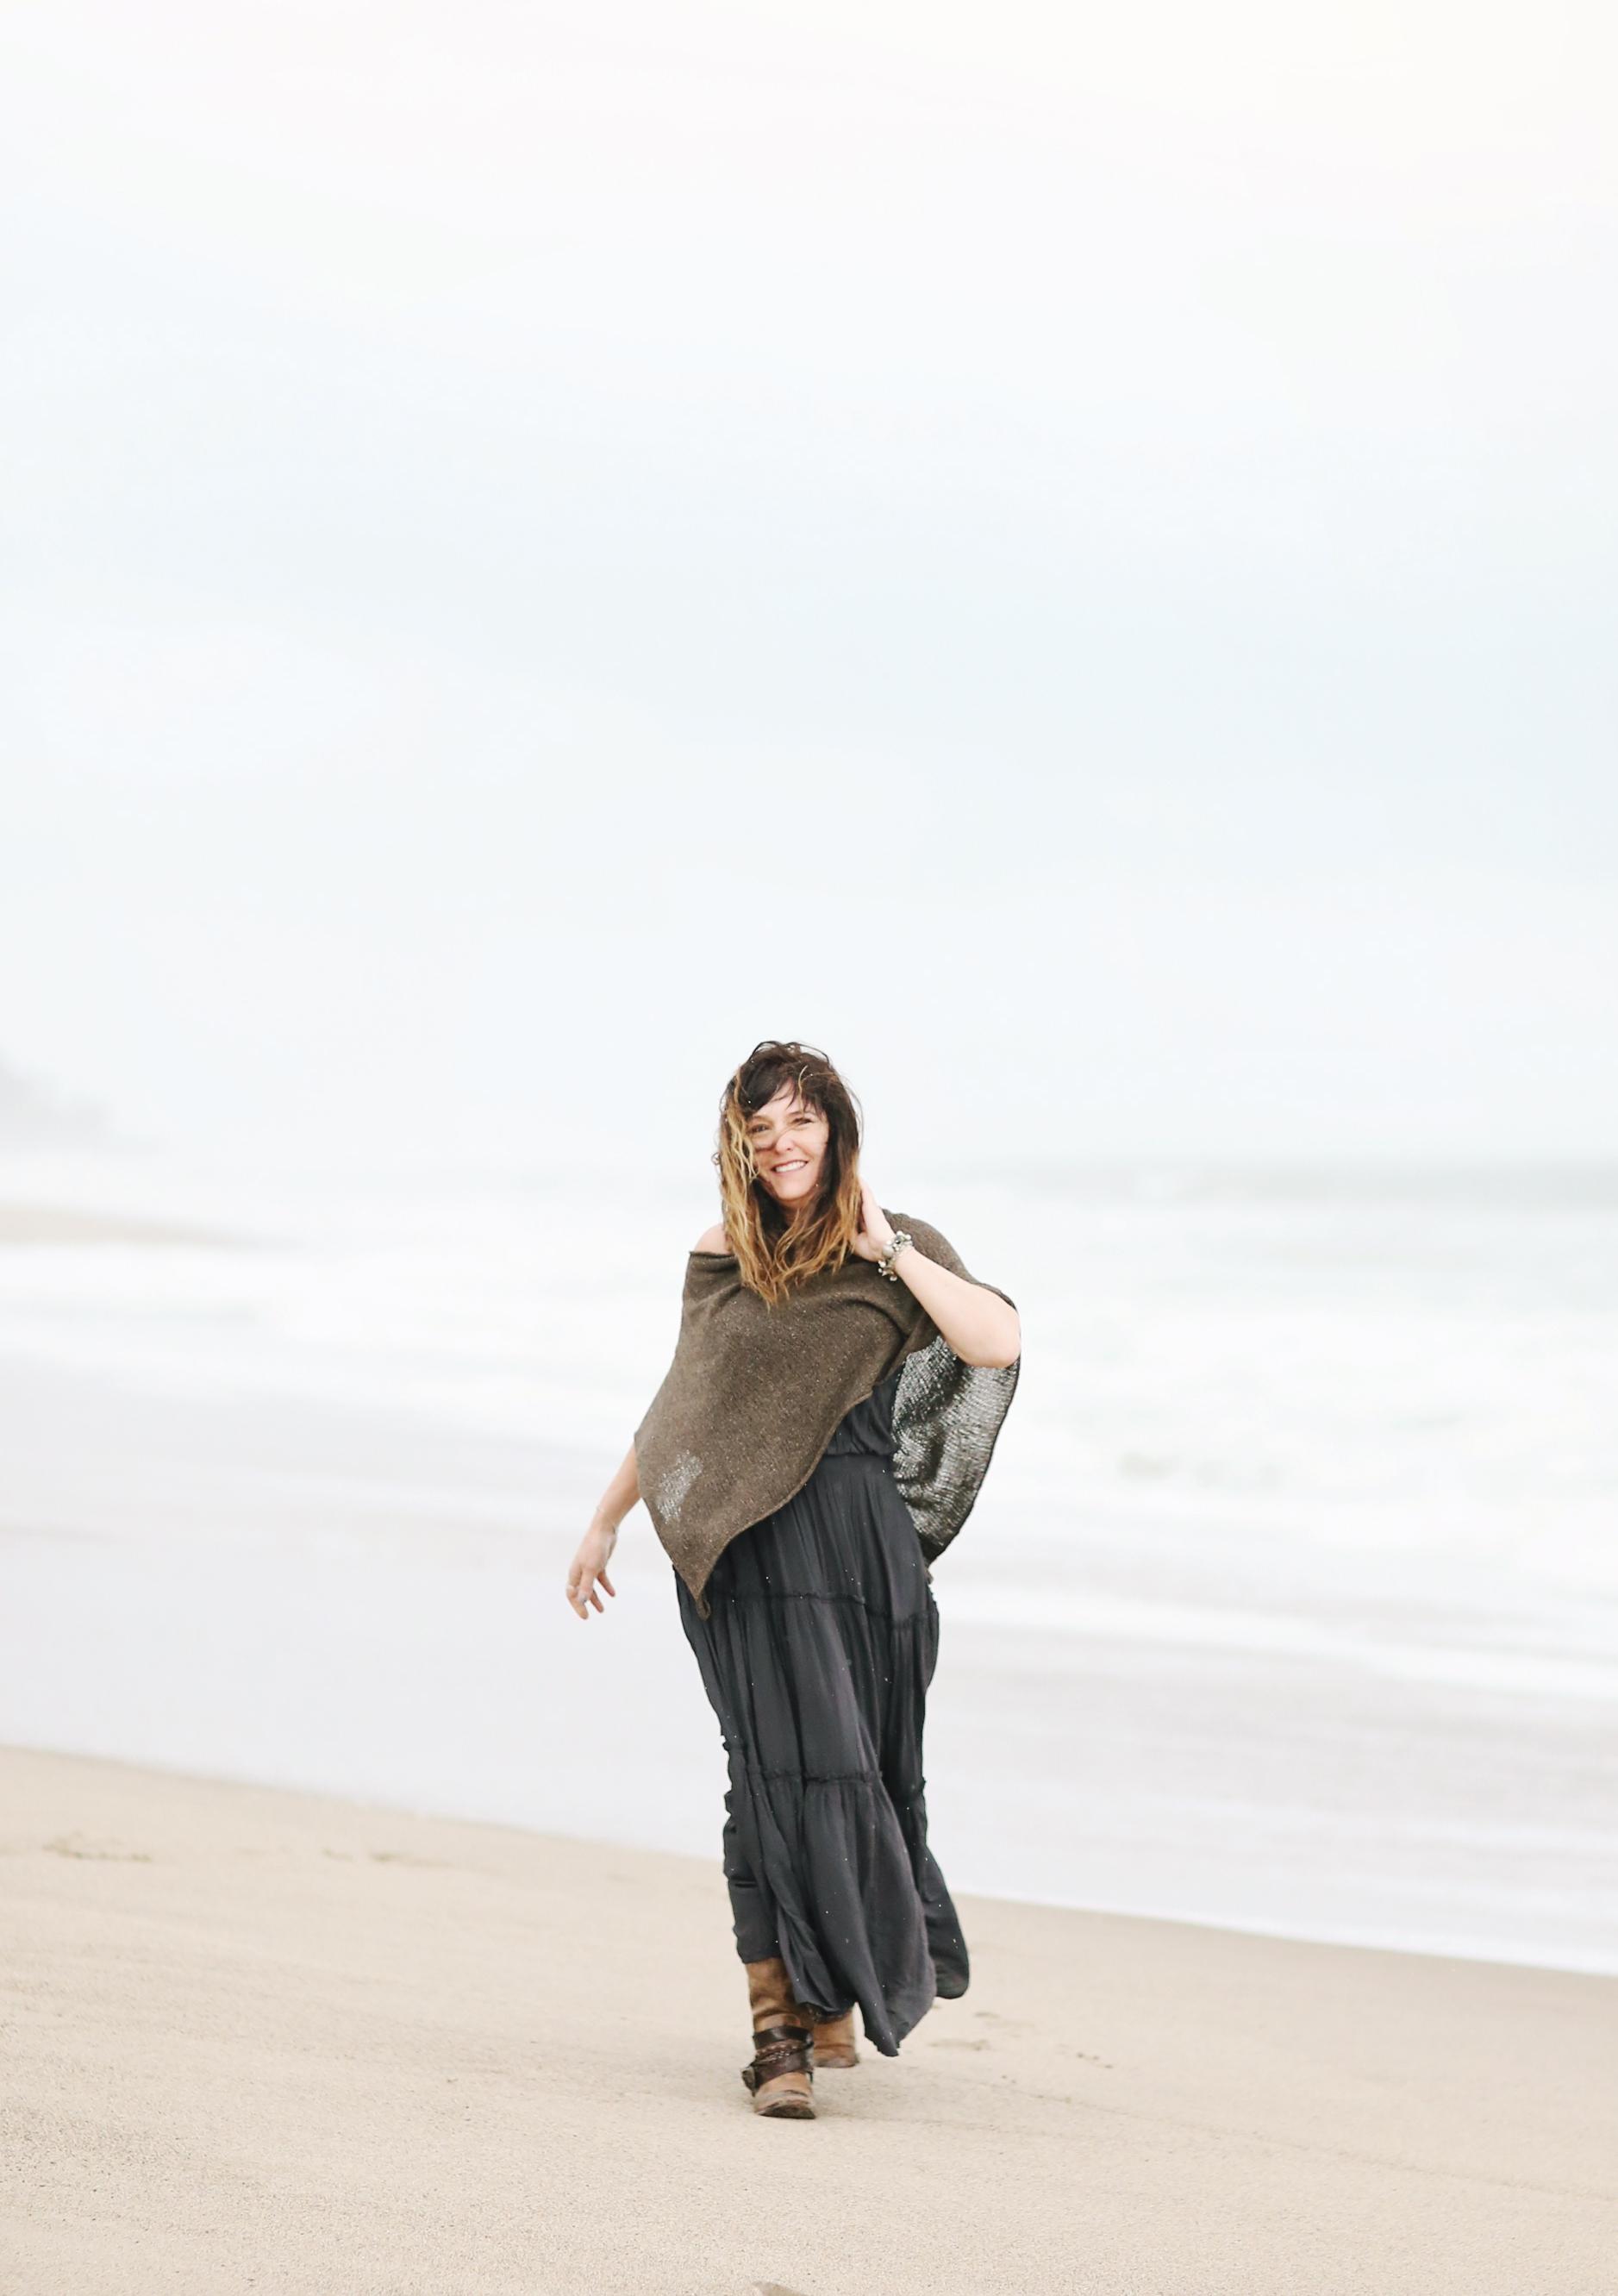 Fine art image of woman walking on the beach in the breeze. Beach portrait.